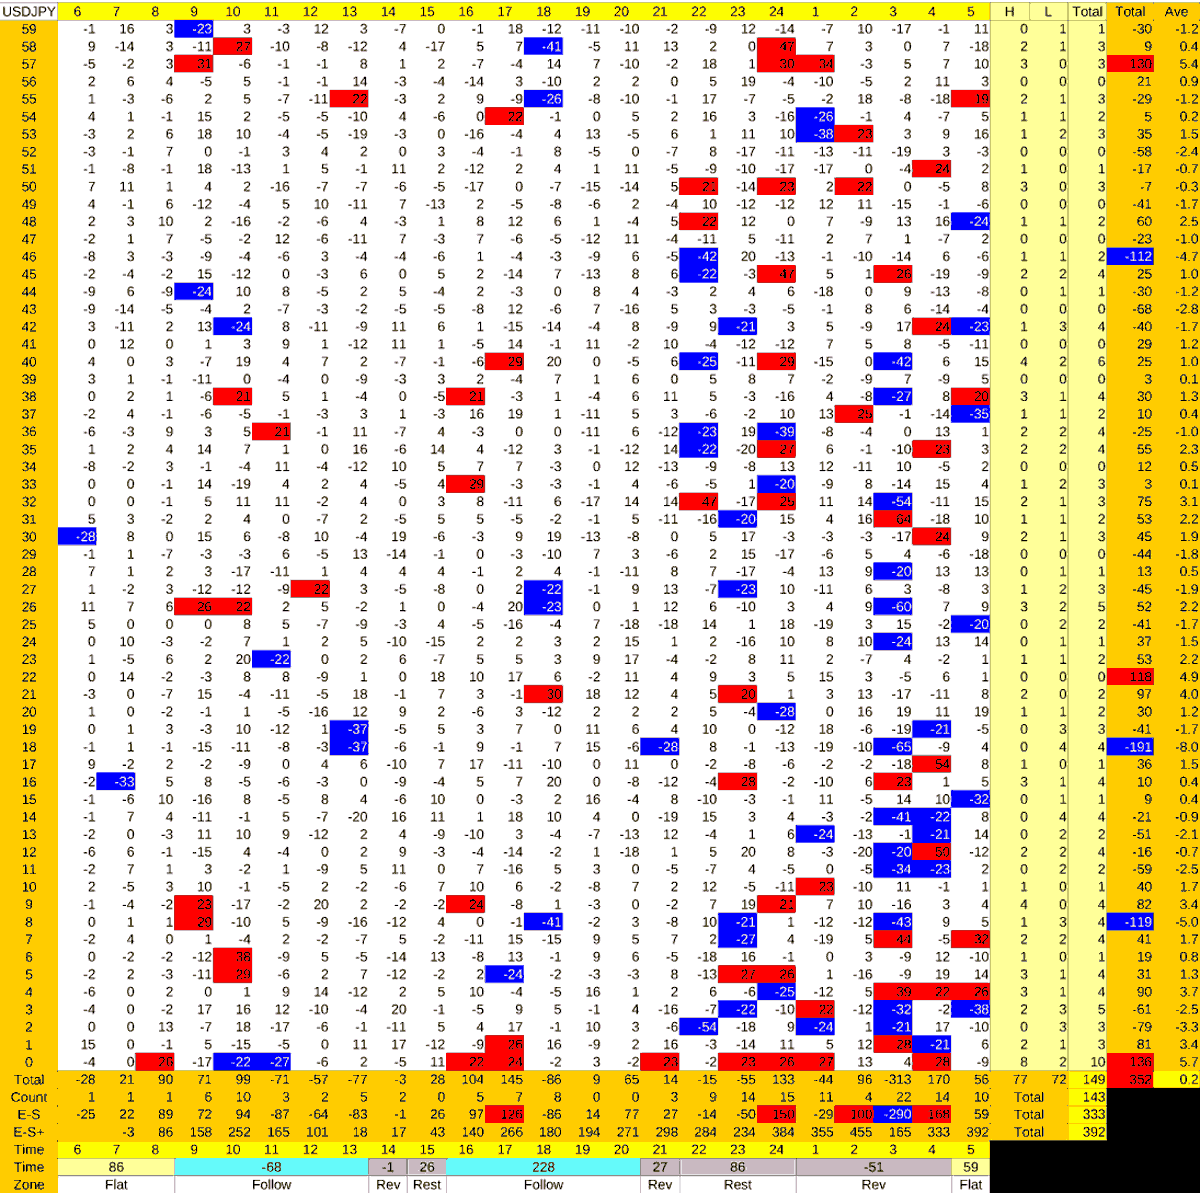 20210225_HS(1)USDJPY